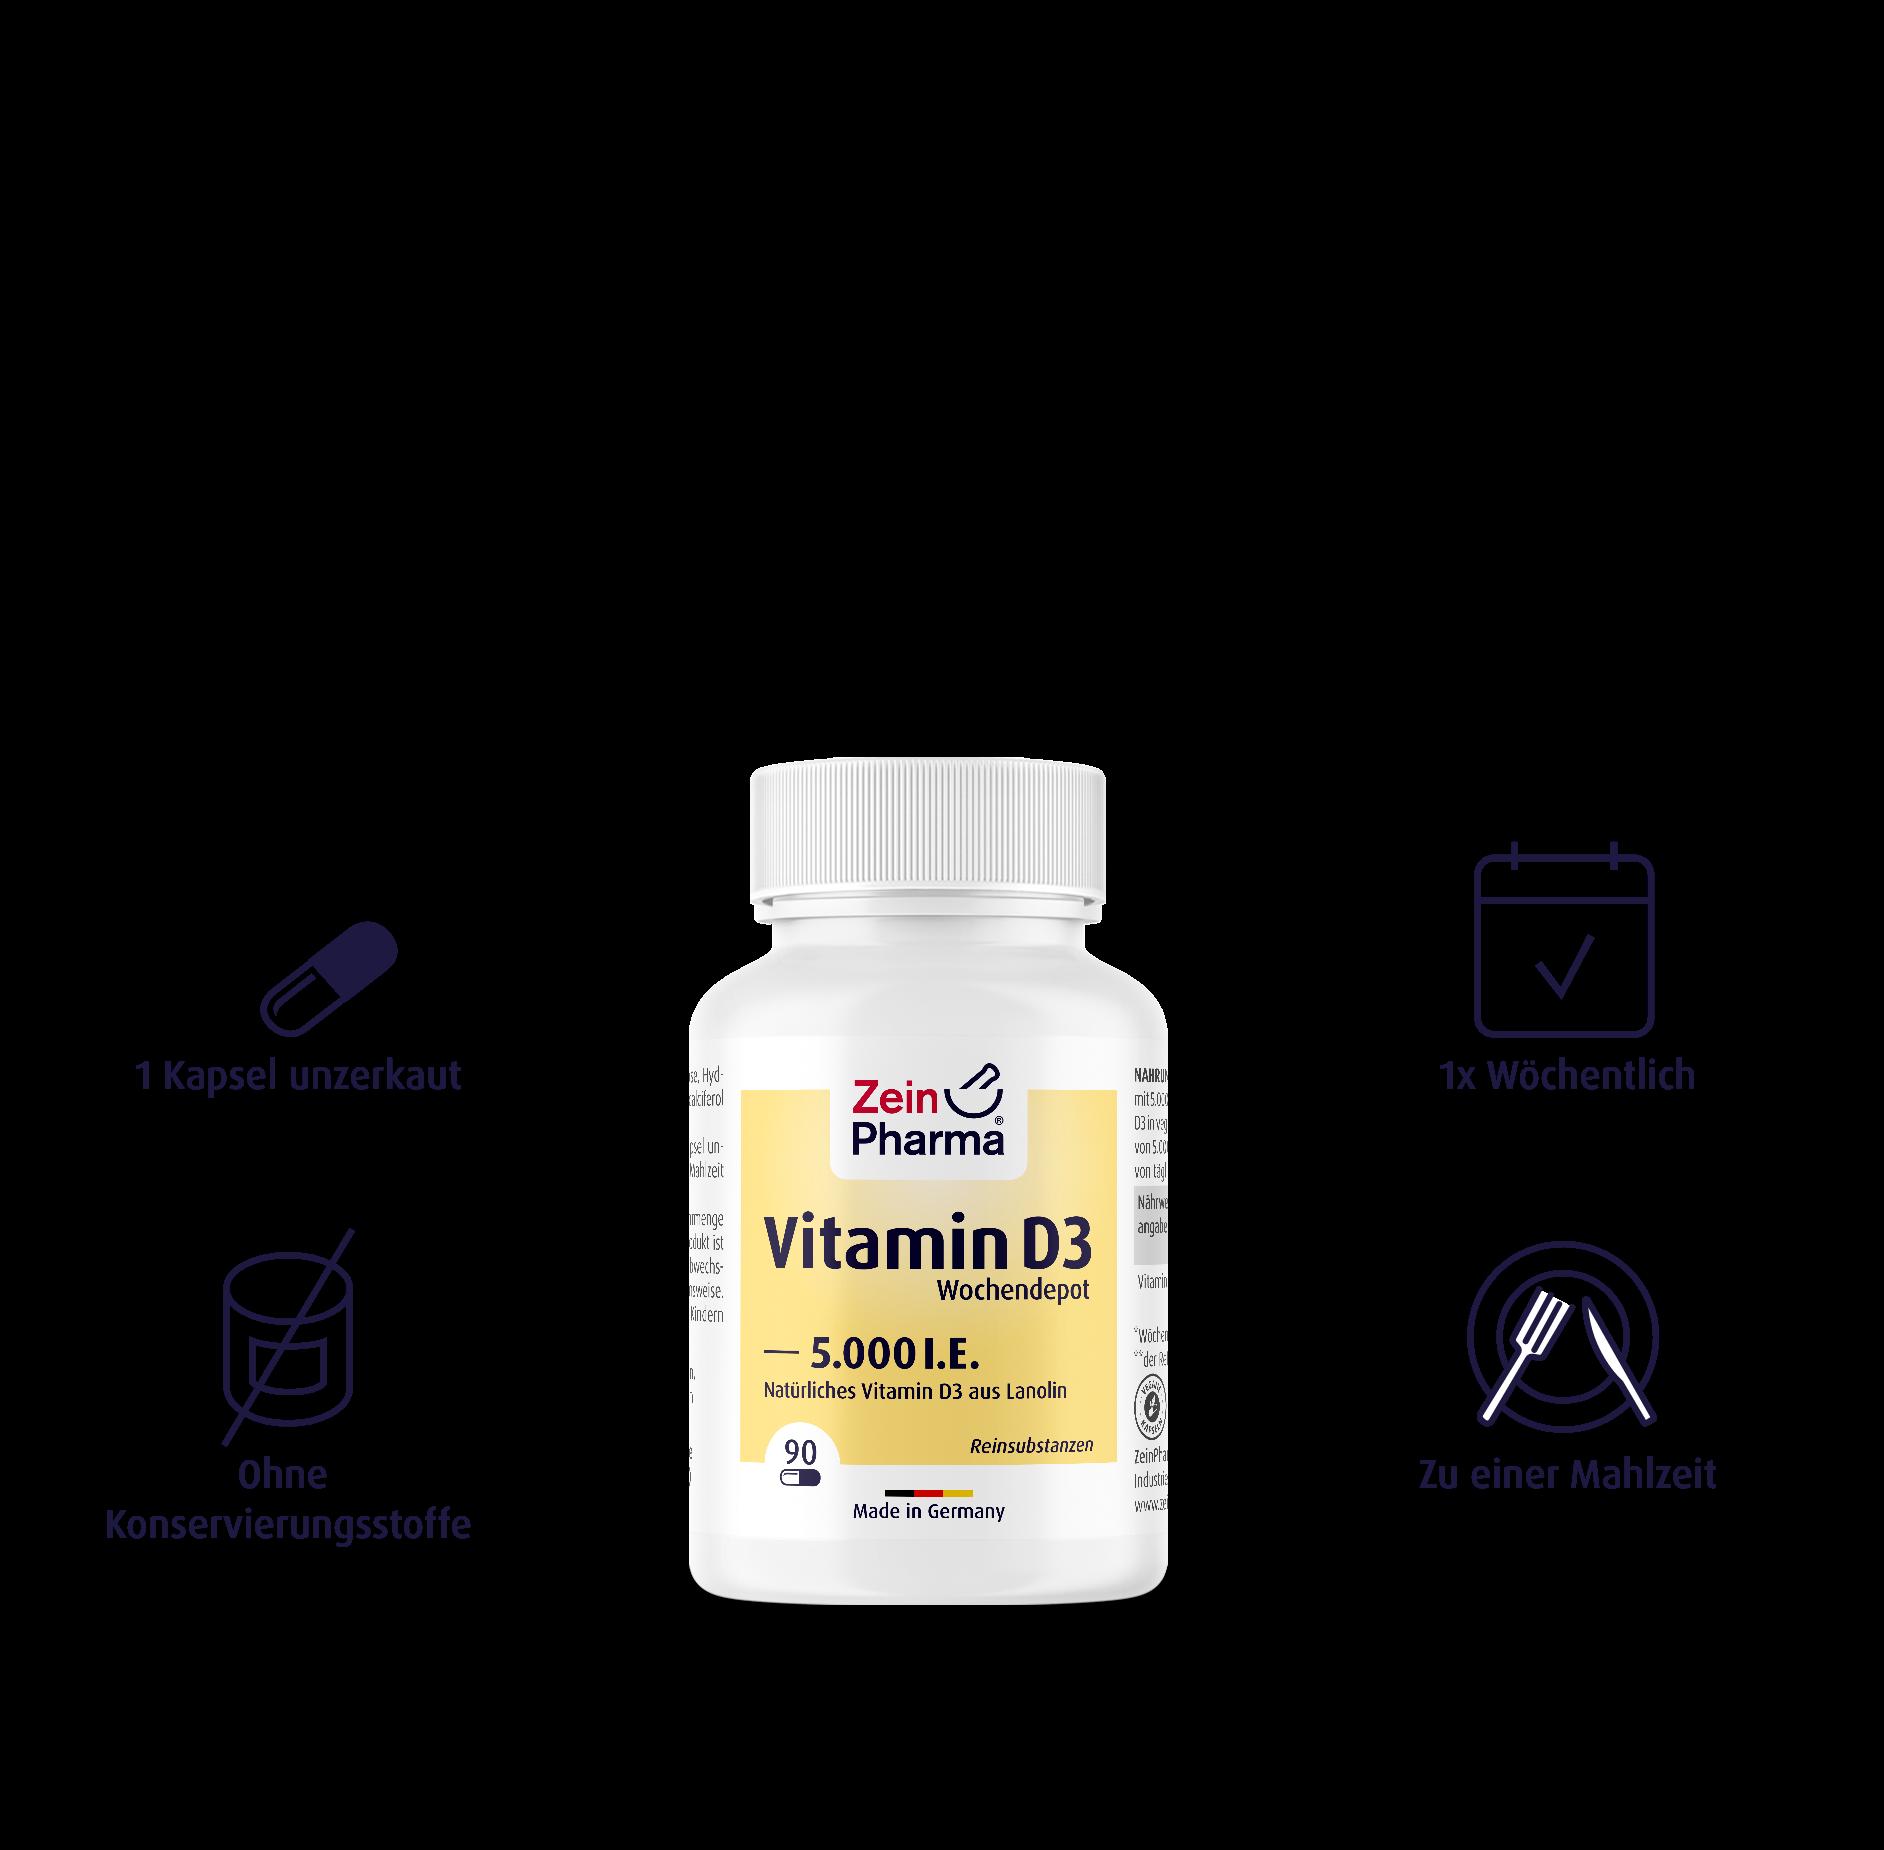 Vitamin D3 Wochendepot Kapseln 5.000 I.E.